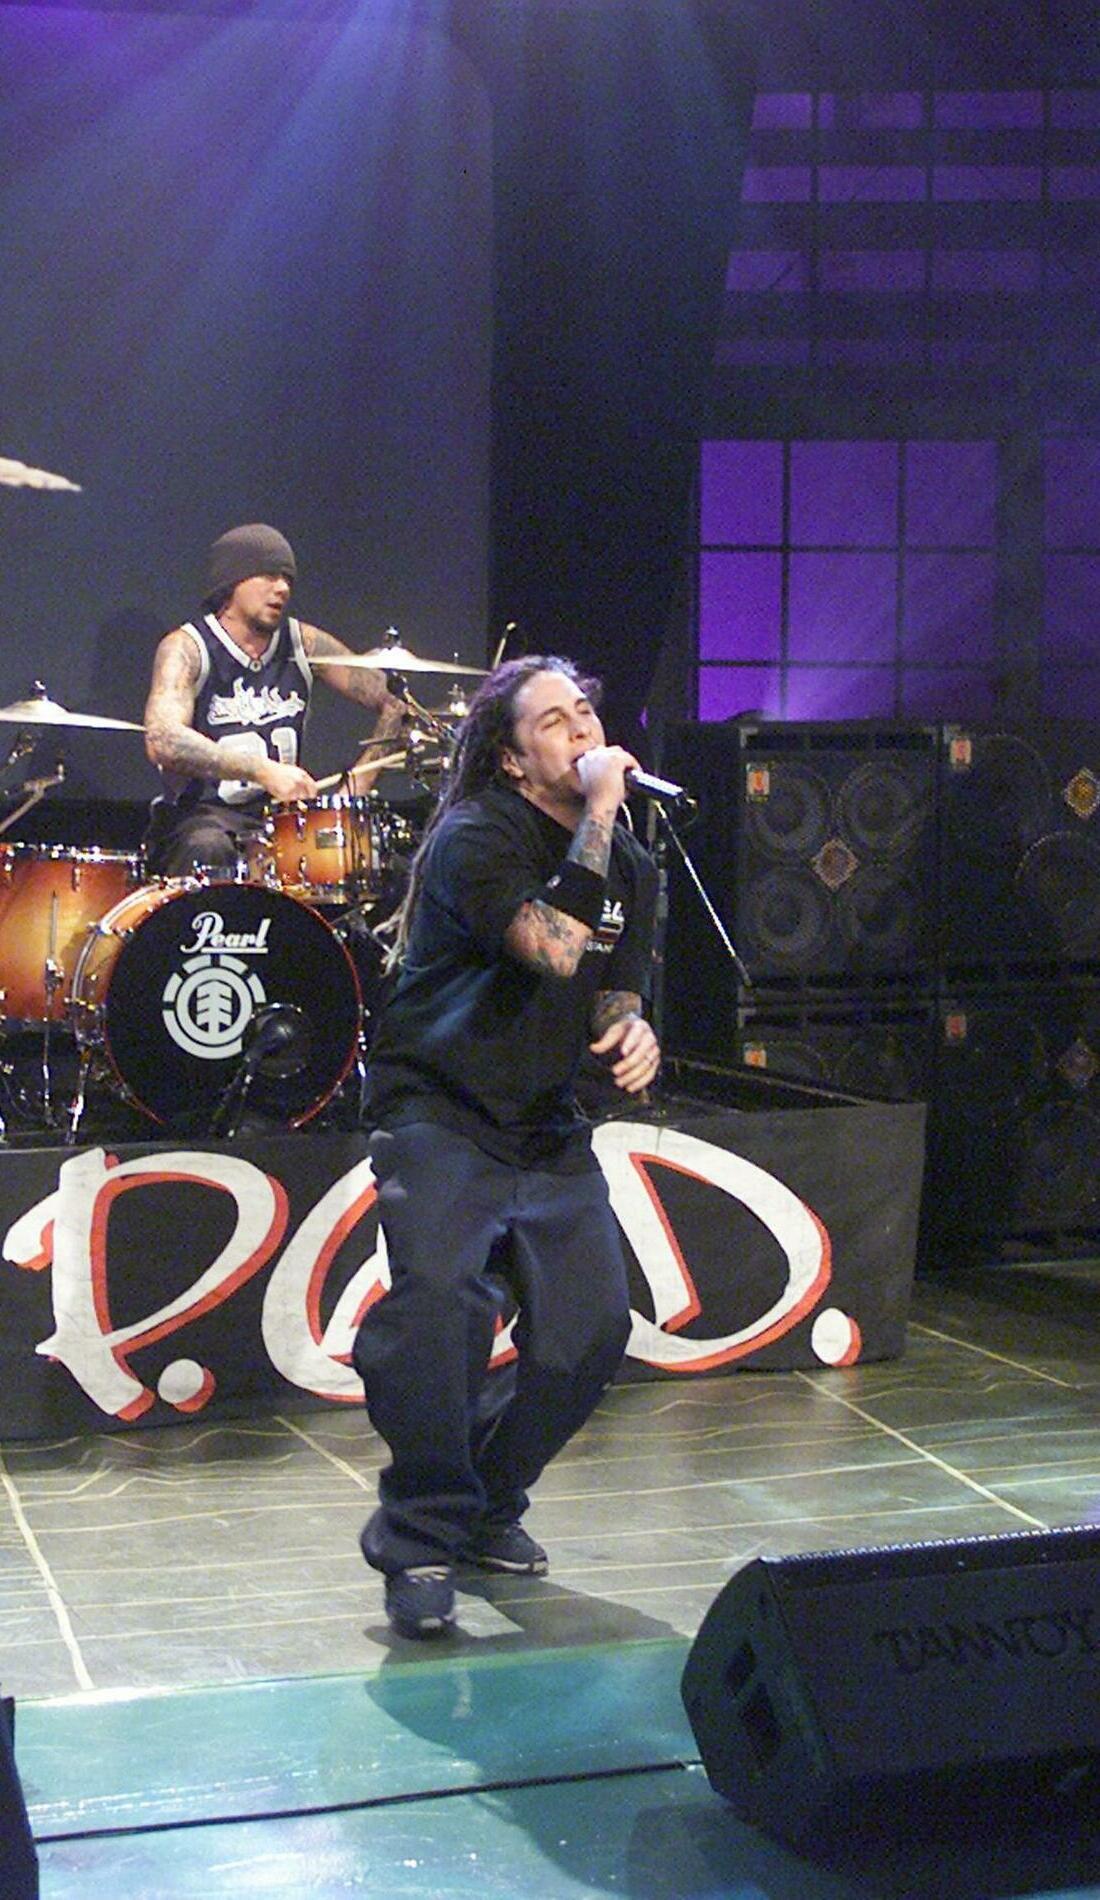 A P.O.D. live event